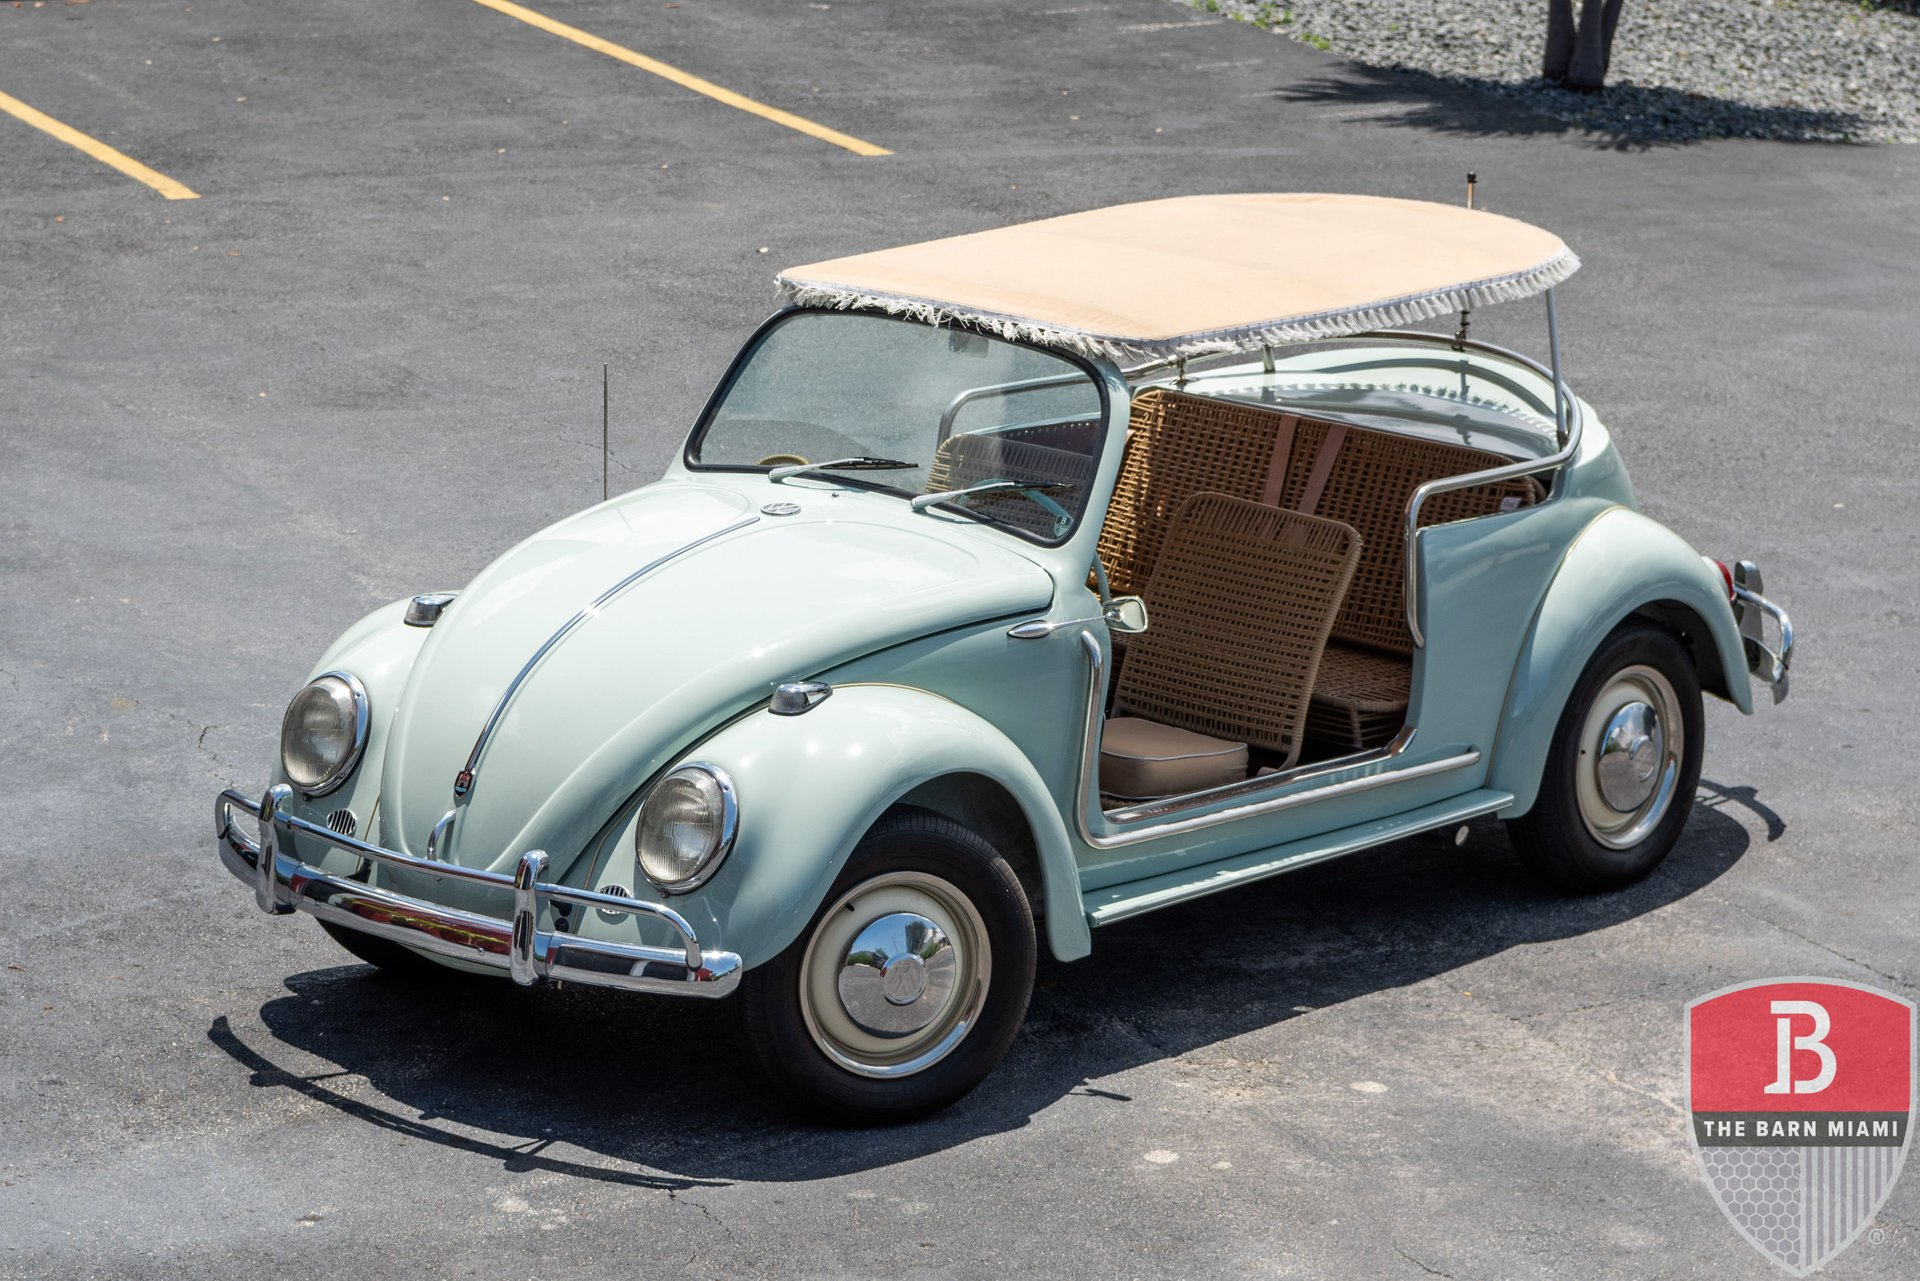 1966 volkswagen beetle jolly